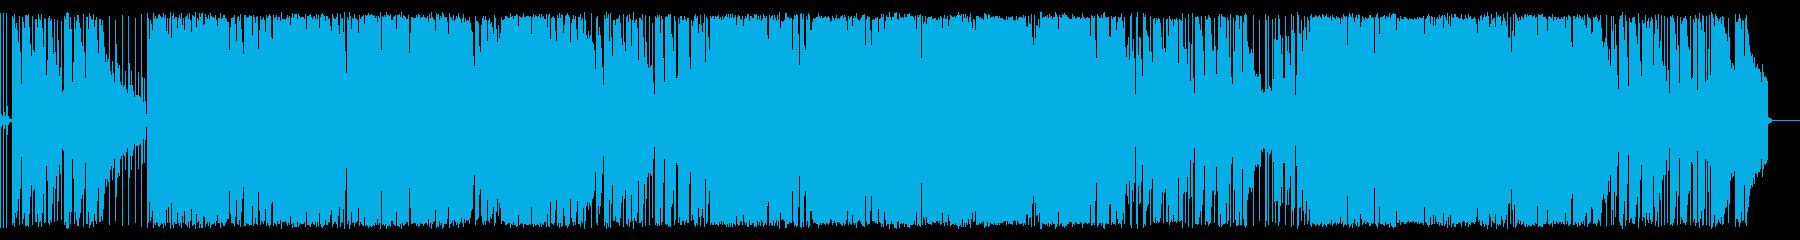 アメリカンで軽快なバンドサウンド。の再生済みの波形